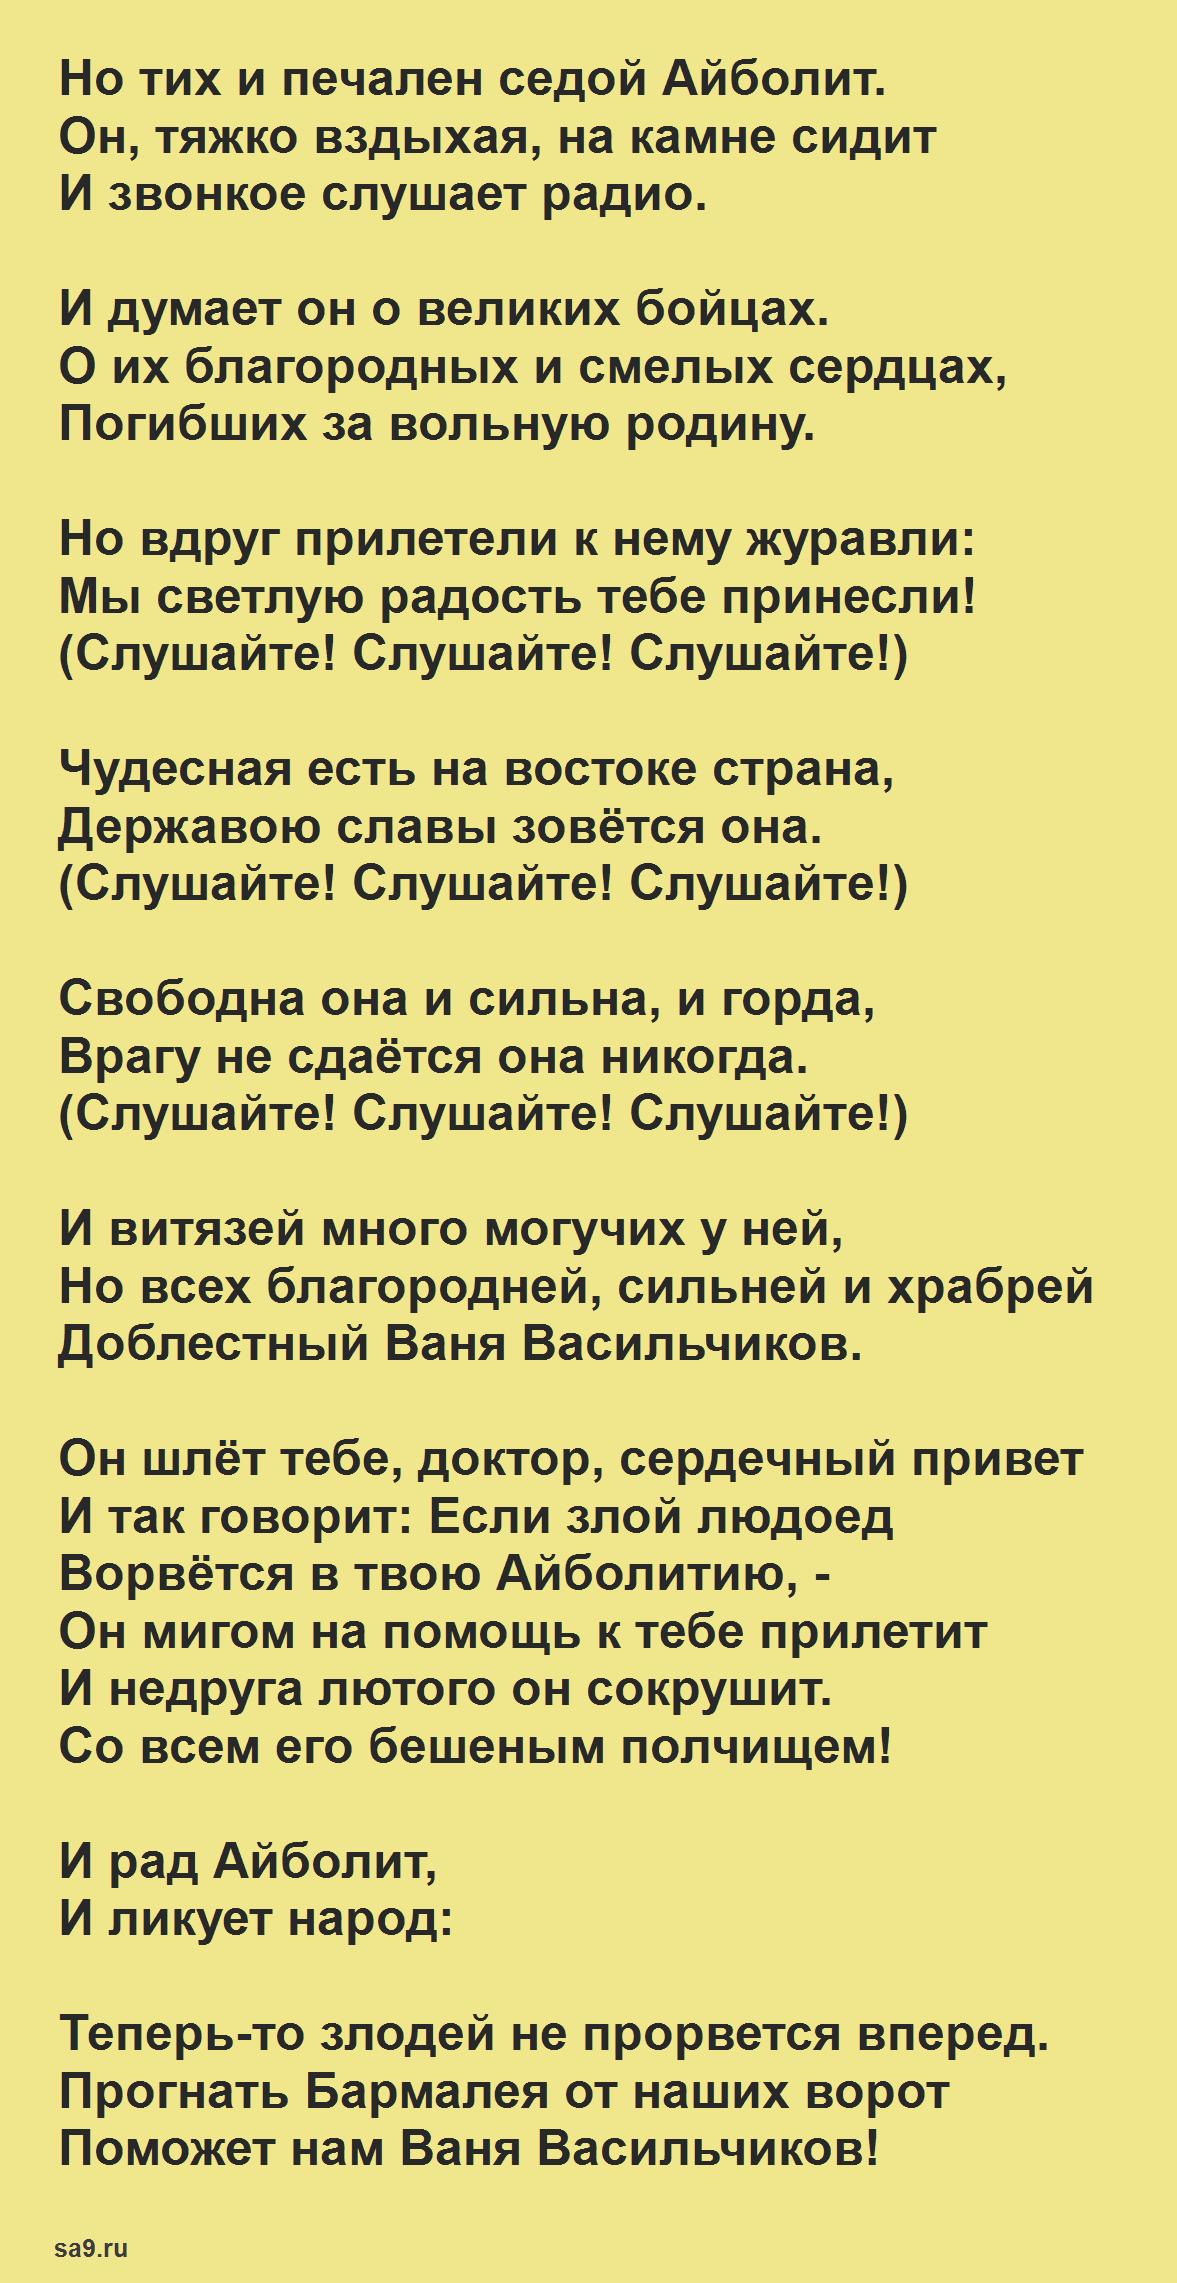 'Одолеем Бармалея' сказка Чуковского, полностью